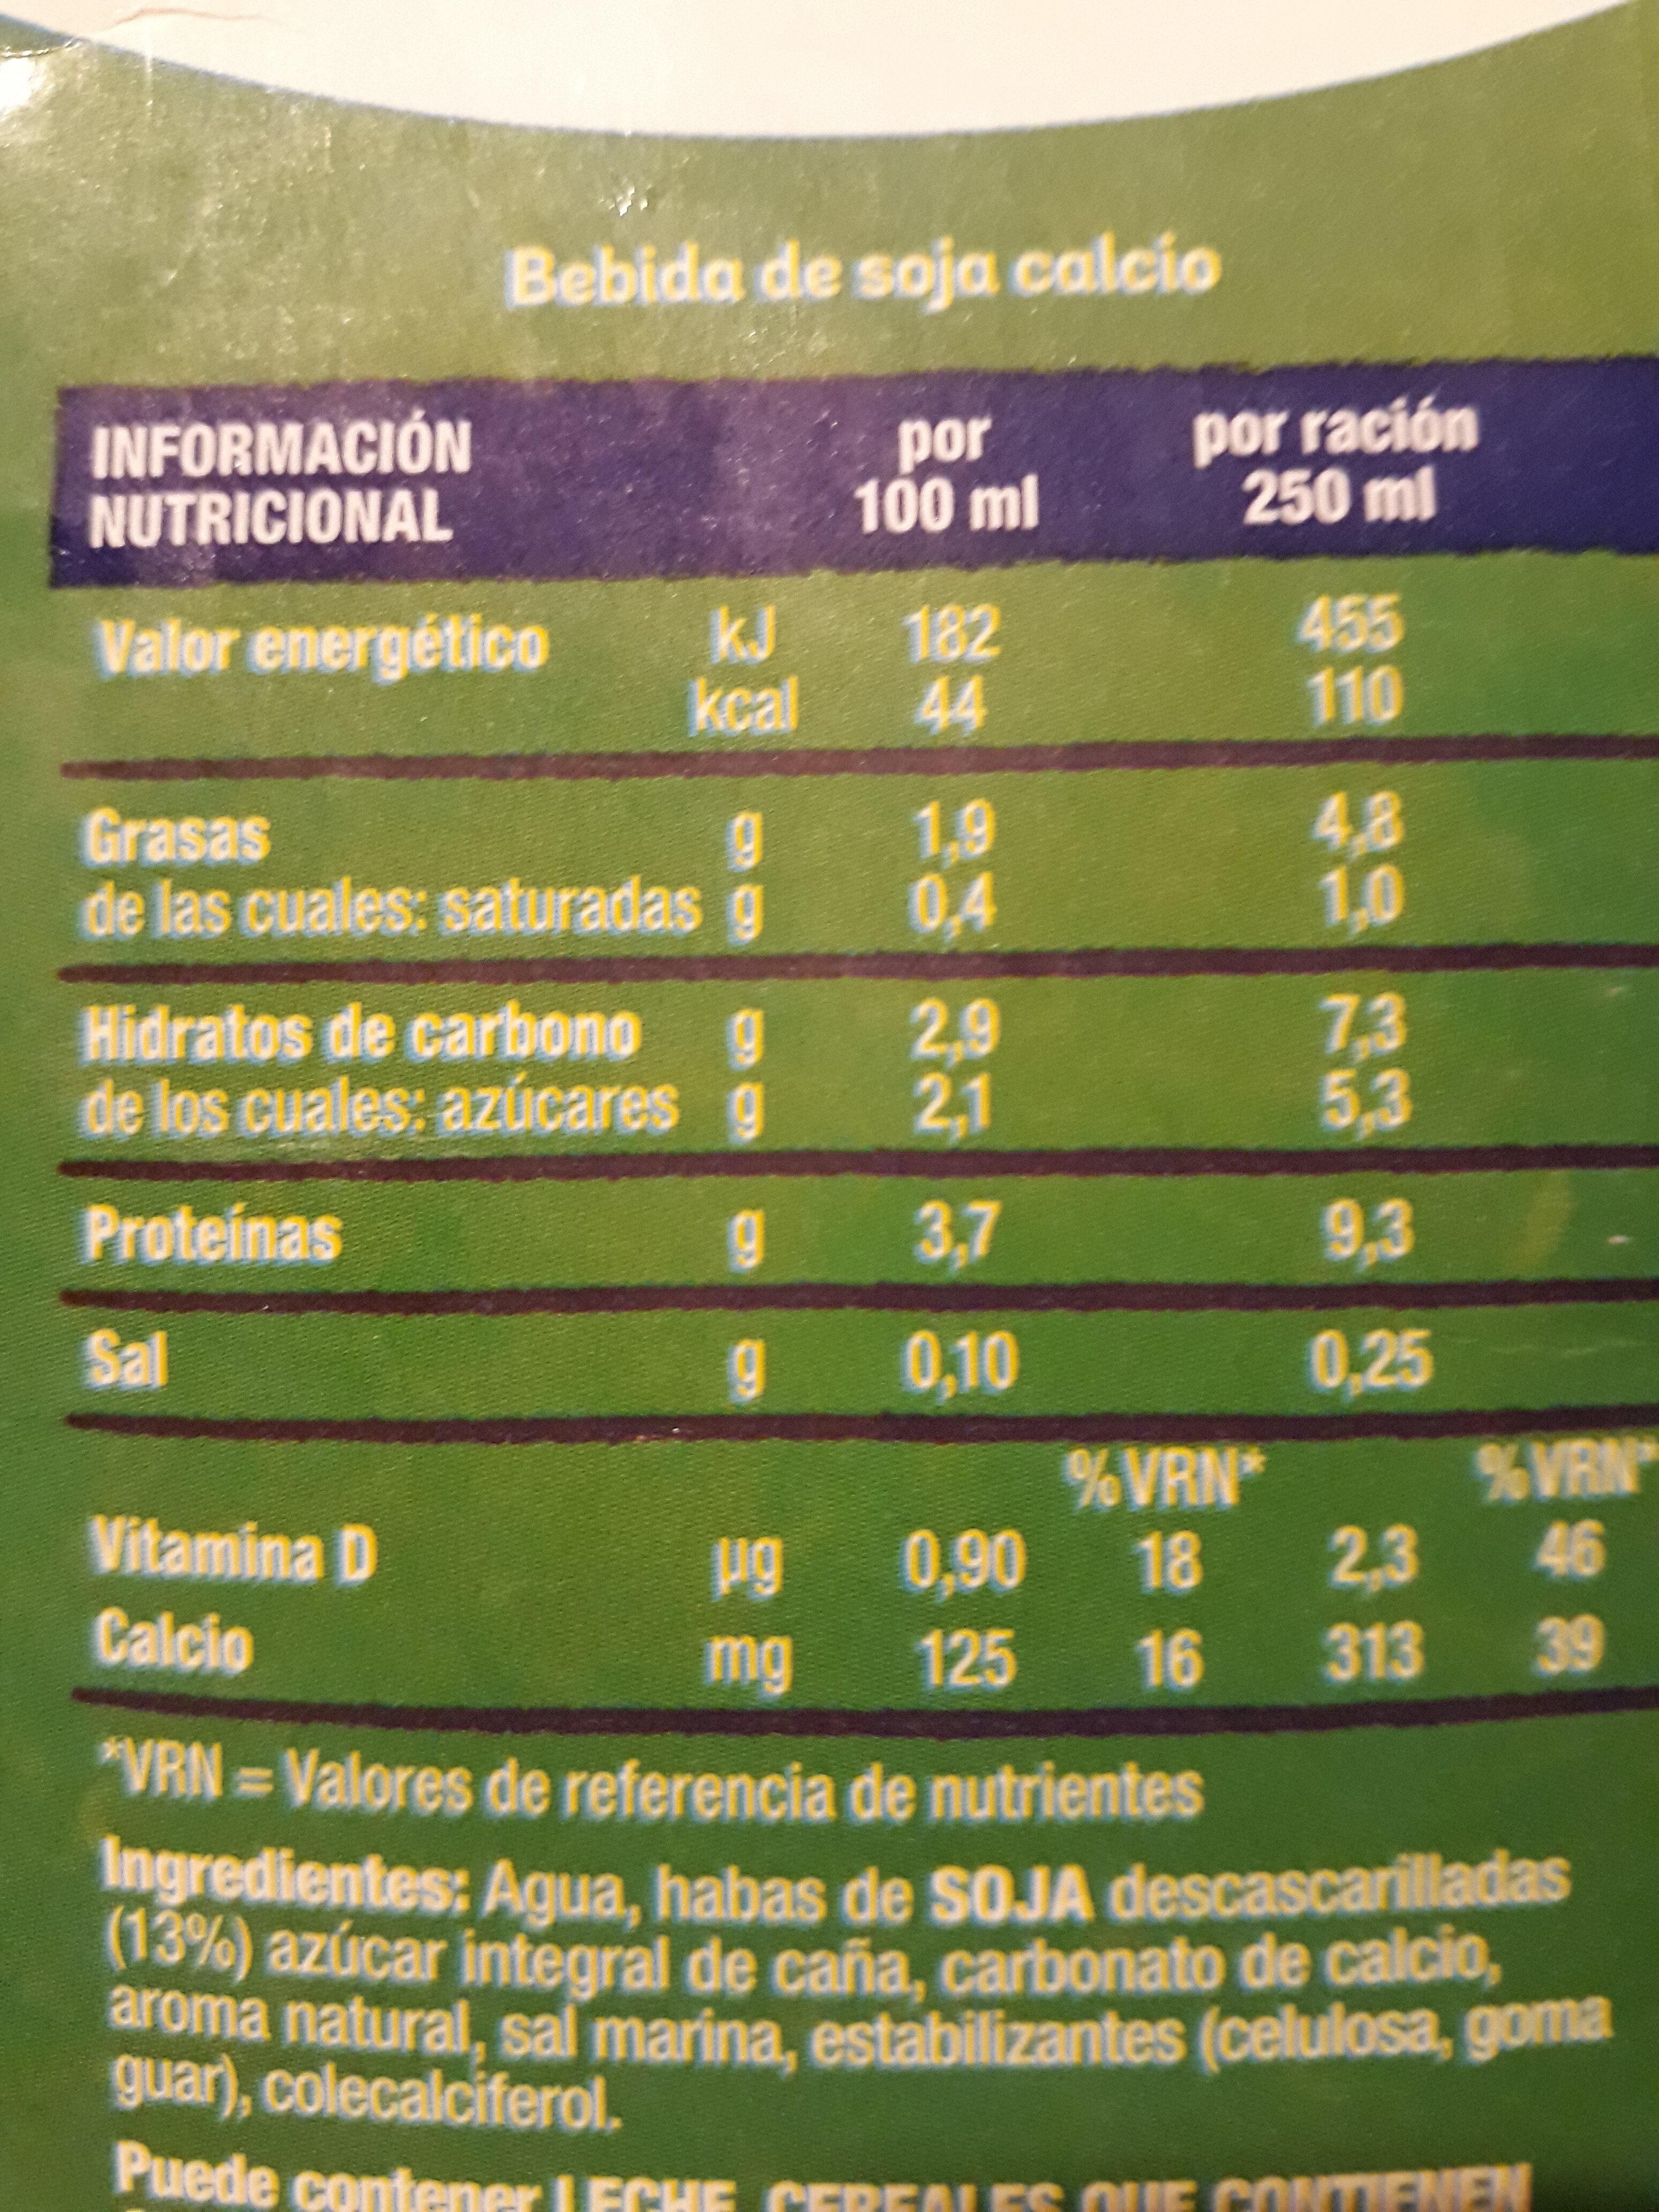 Soja calcium - Información nutricional - es